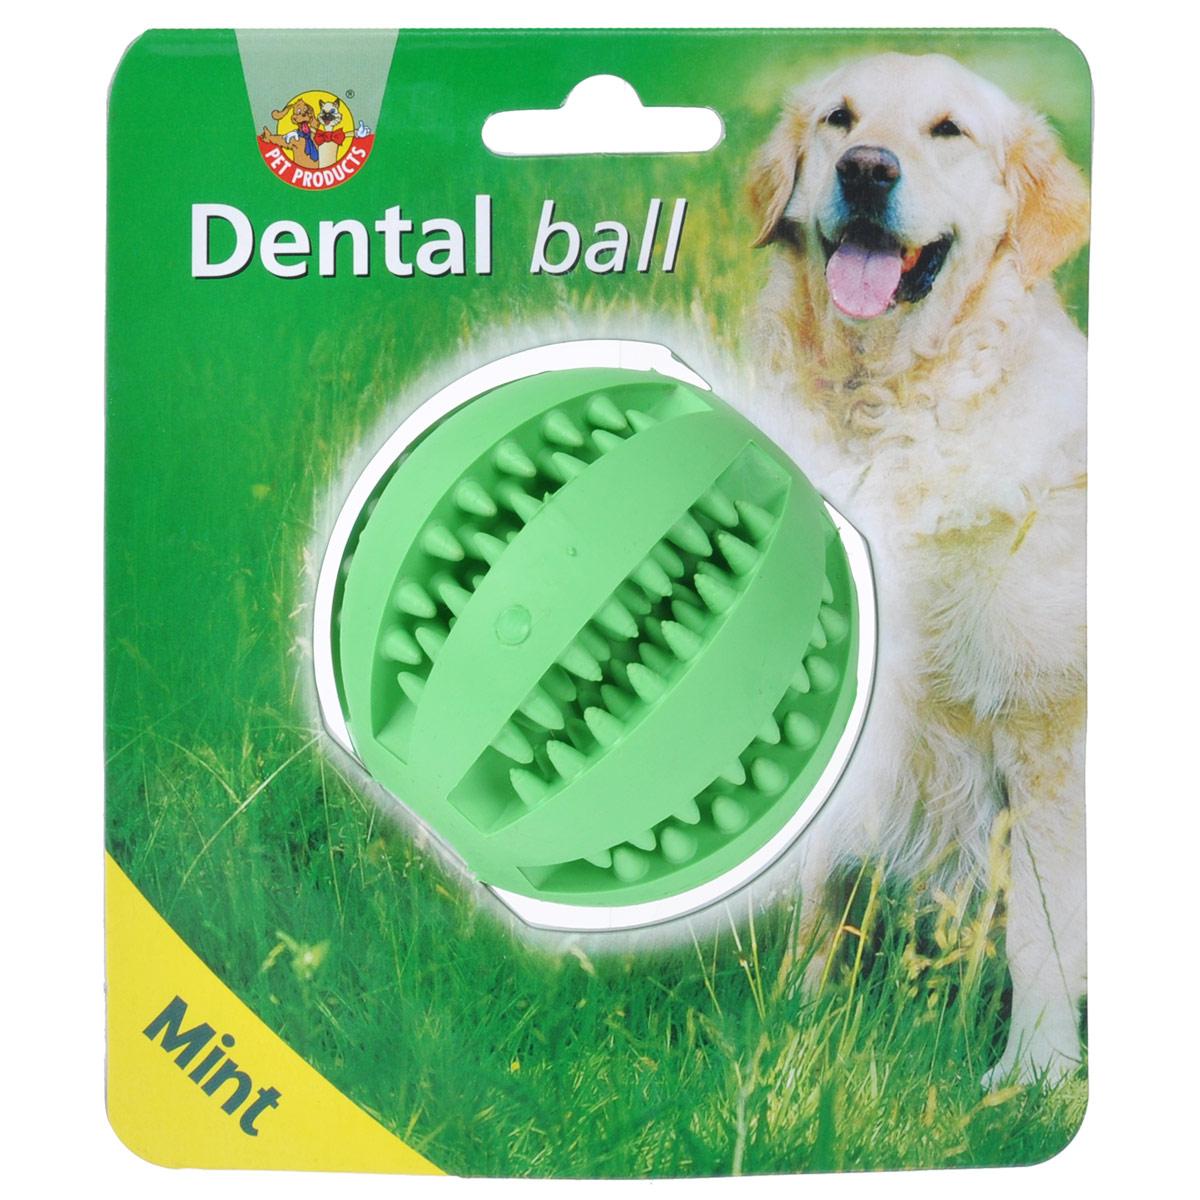 Игрушка для собак I.P.T.S. Мяч массажный, для ухода за зубами, с запахом мяты, диаметр 7 см625407Игрушка для собак I.P.T.S. Мяч массажный изготовлена из прочной цветной резины с мятным запахом в виде мяча. Игрушка оснащена специальными шипами, предназначенными для ухода за зубами. Предотвращает образование зубного камня. Предназначена для игр с собаками любого возраста. Такая игрушка привлечет внимание вашего любимца и не оставит его равнодушным. Диаметр: 7 см.